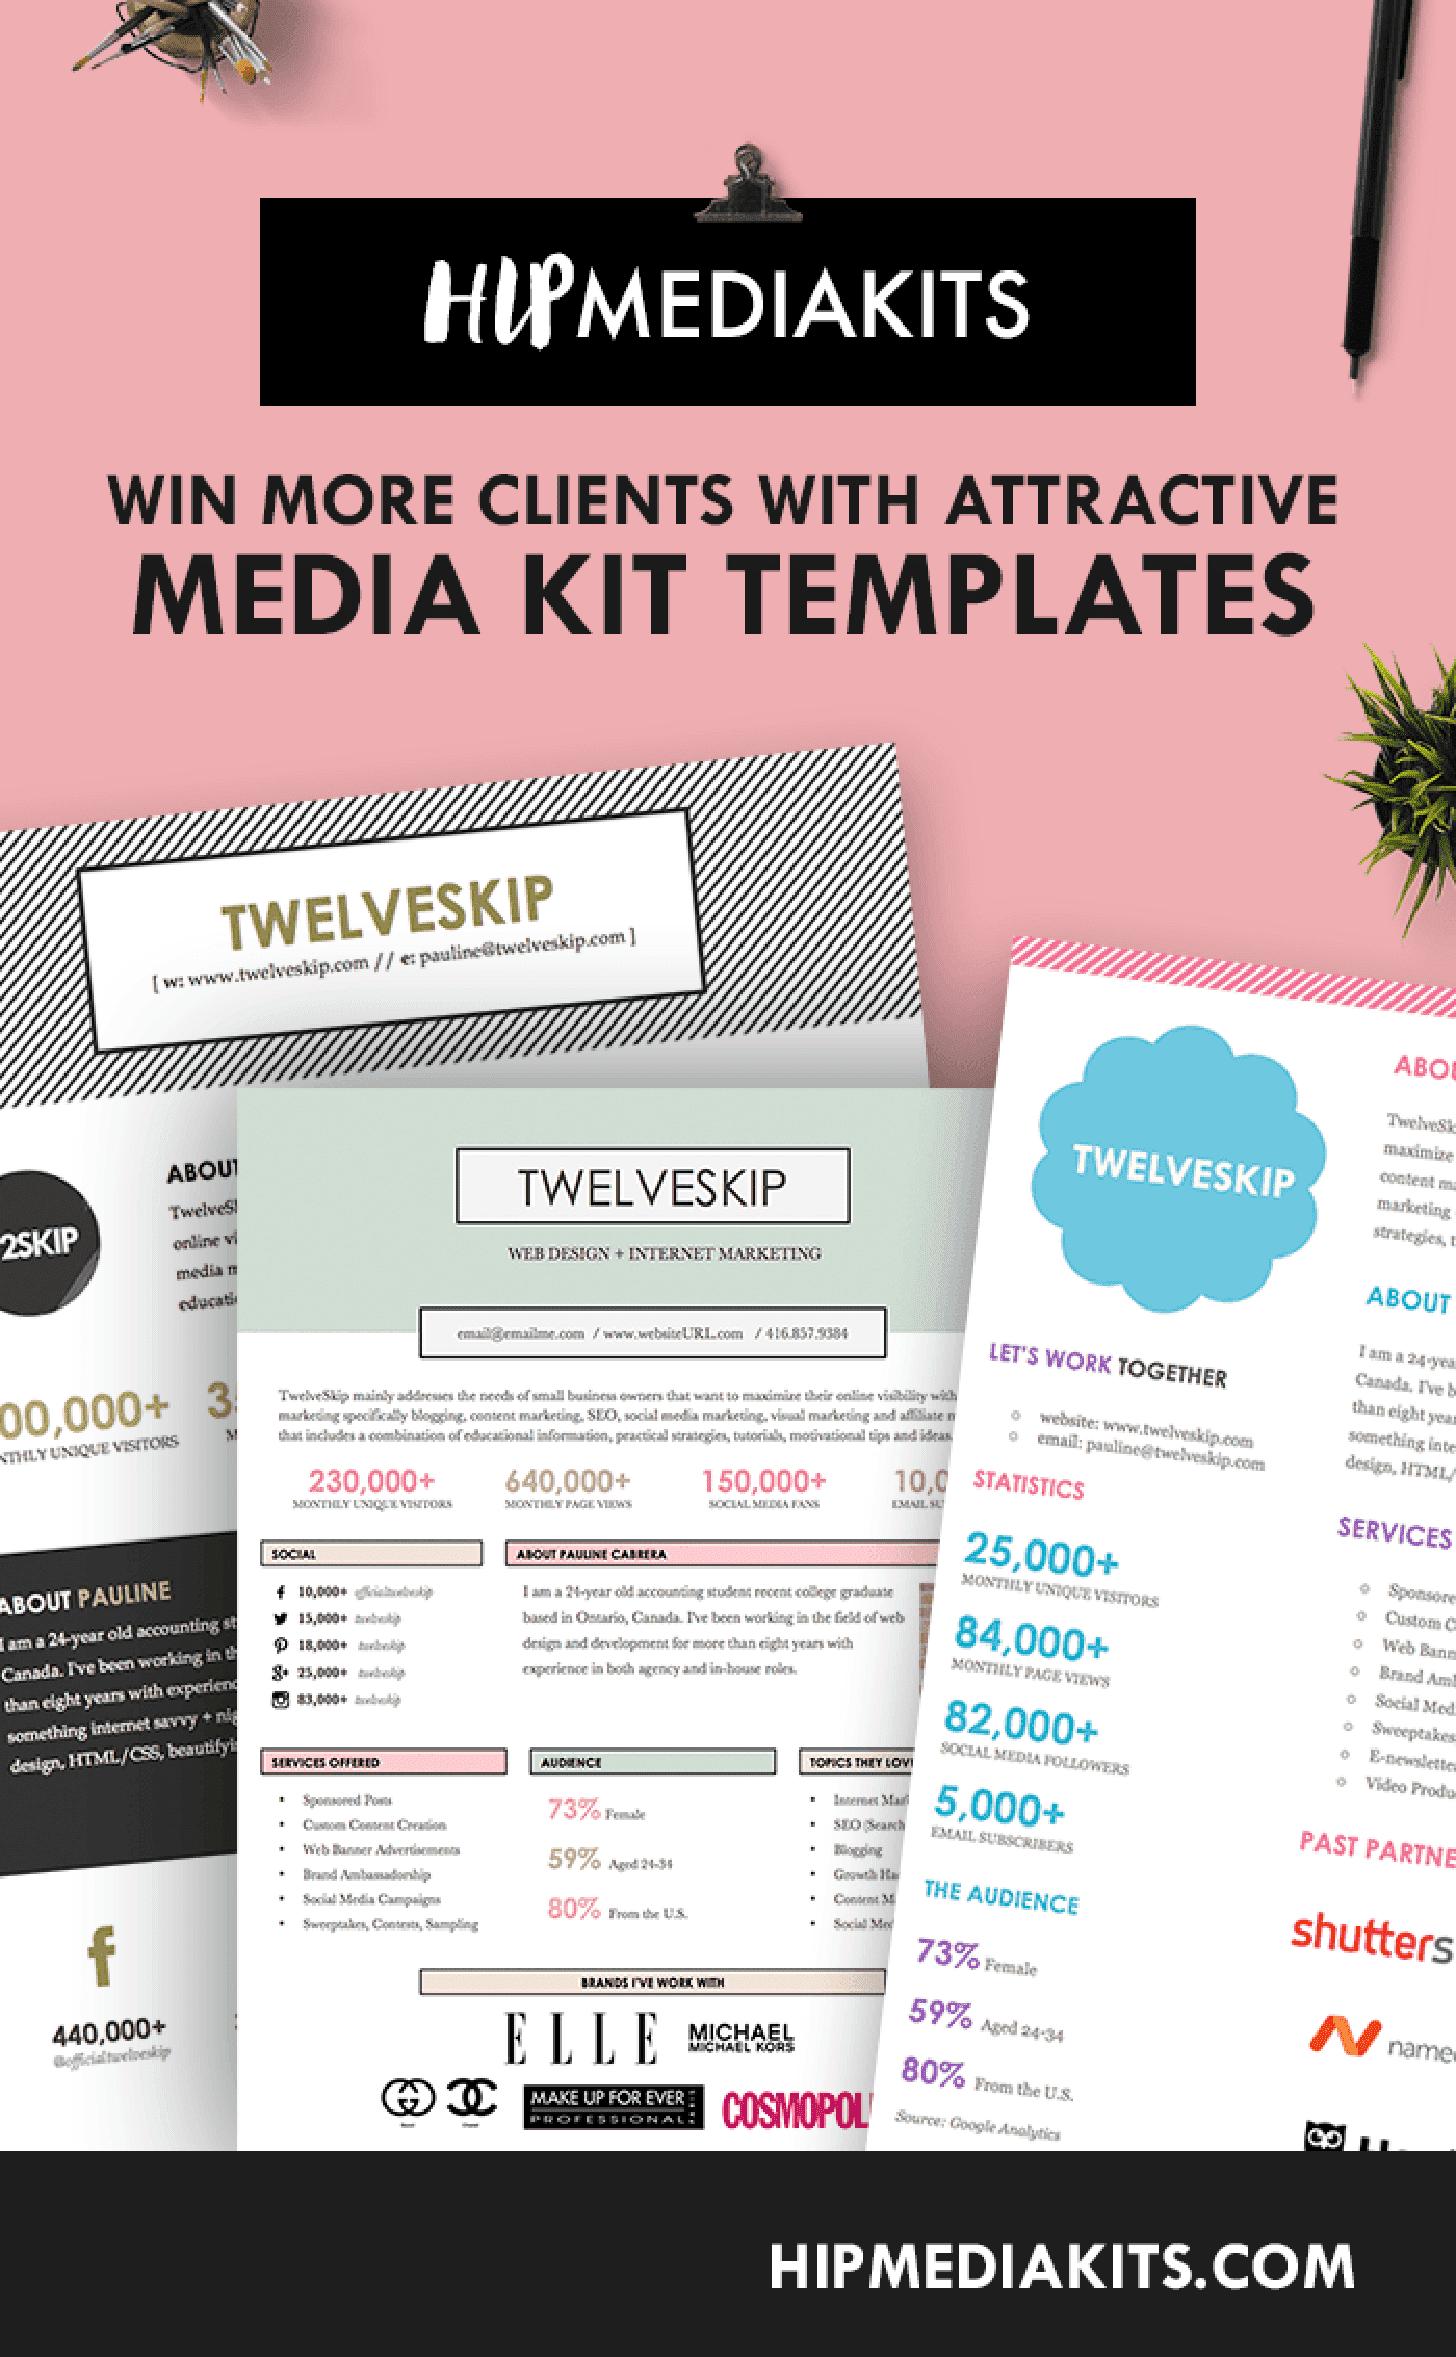 TwelveSkip Media Kit